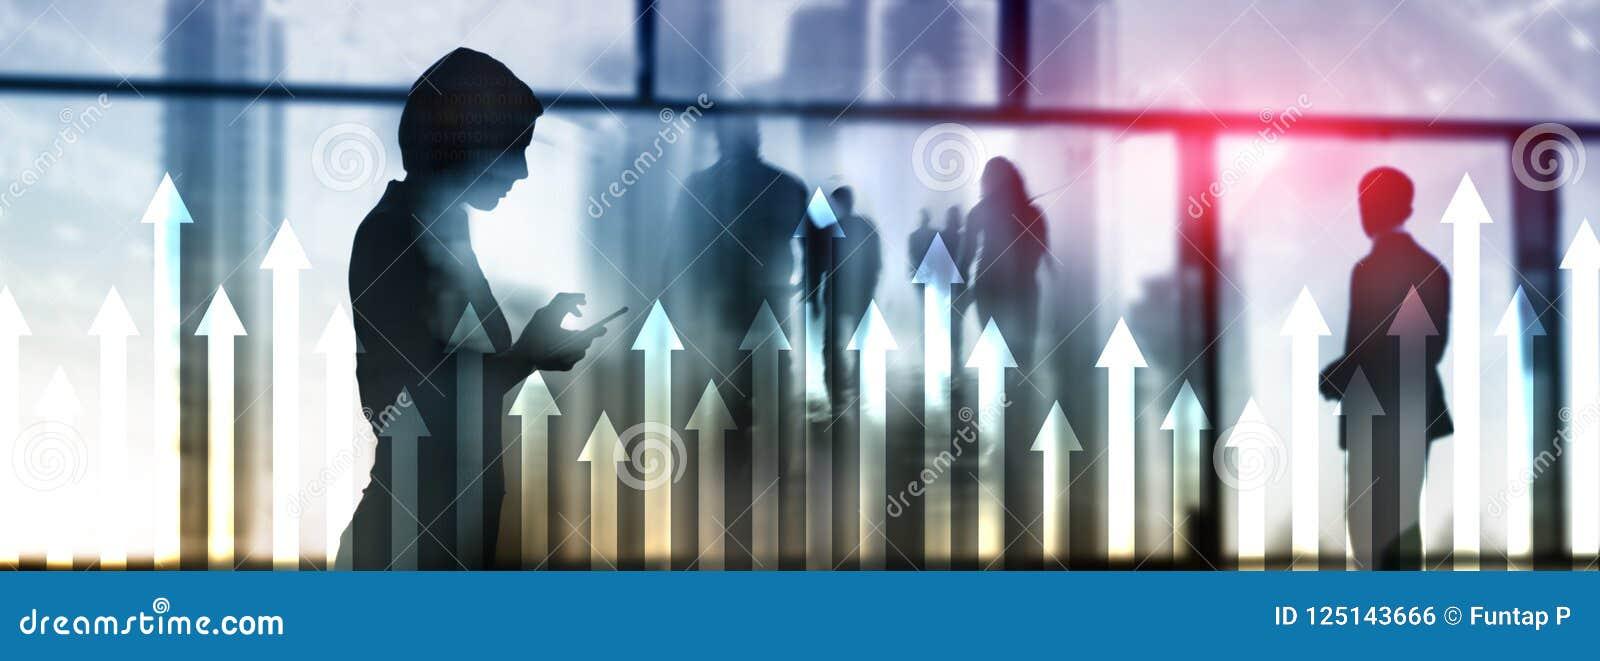 Encima de gráfico de la flecha en fondo del rascacielos Invesment y concepto financiero del crecimiento